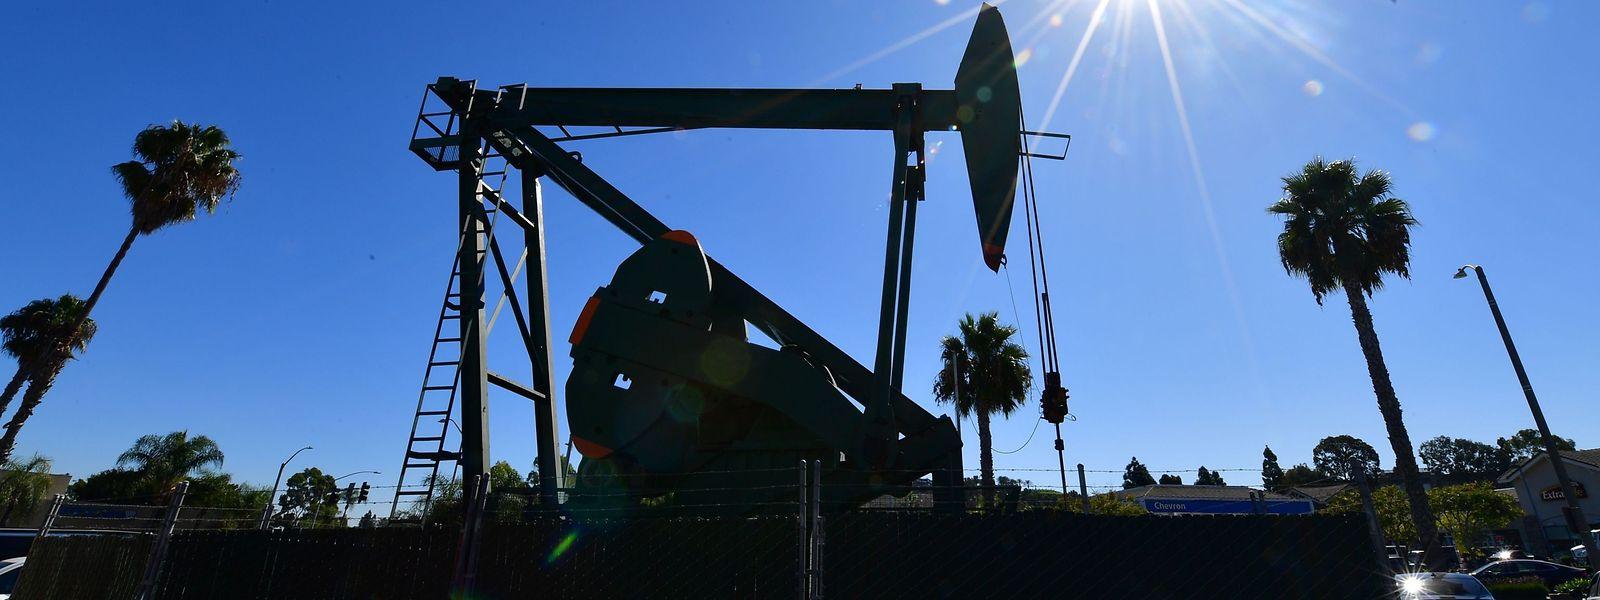 Eine Ölförderanlage in Signal Hill, Kalifornien. In den USA drohen die Öllager, aus allen Nähten zu platzen.